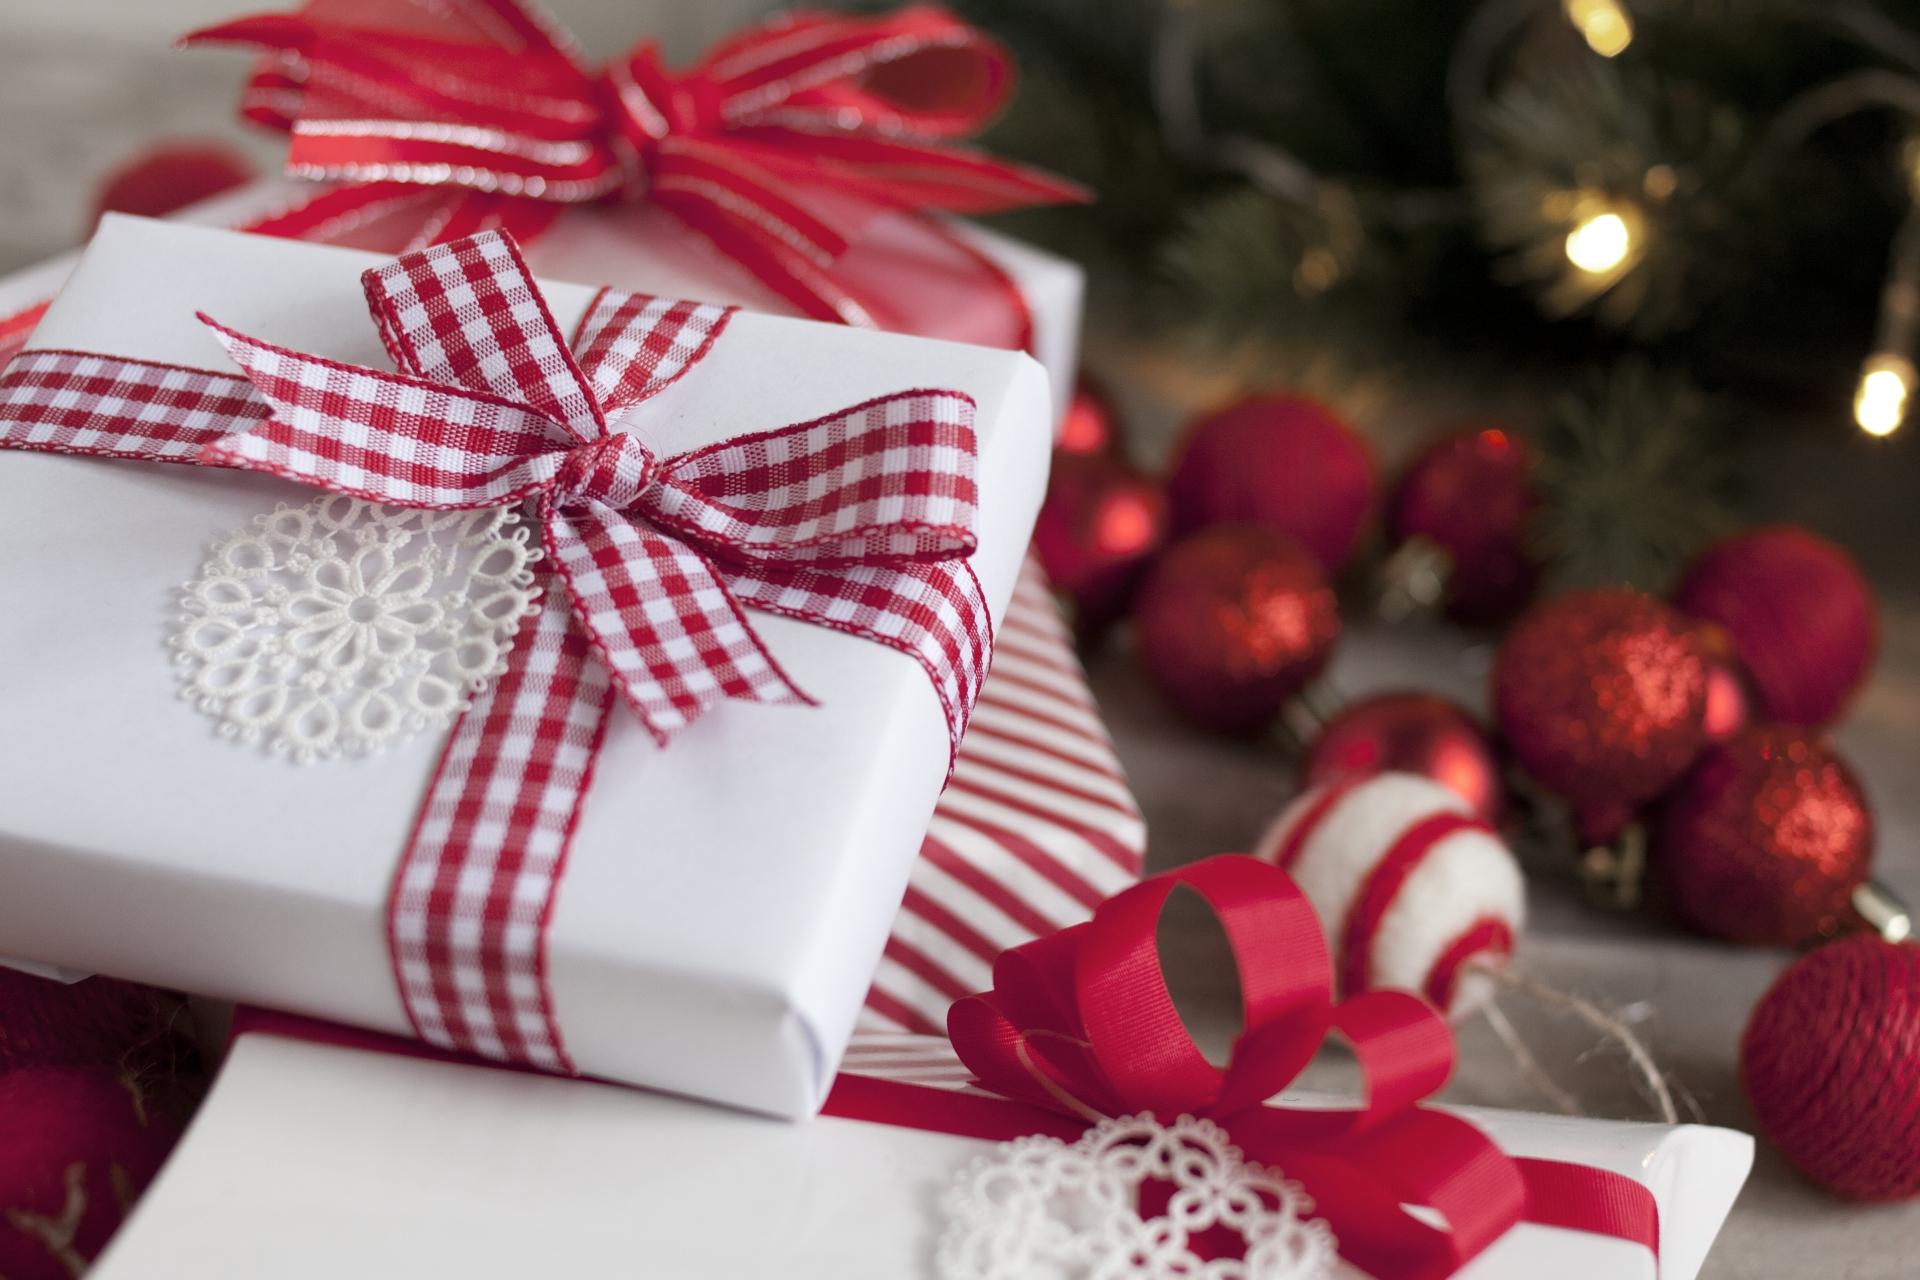 クリスマスプレゼントは何がいい?彼氏(中学生)に贈るなら